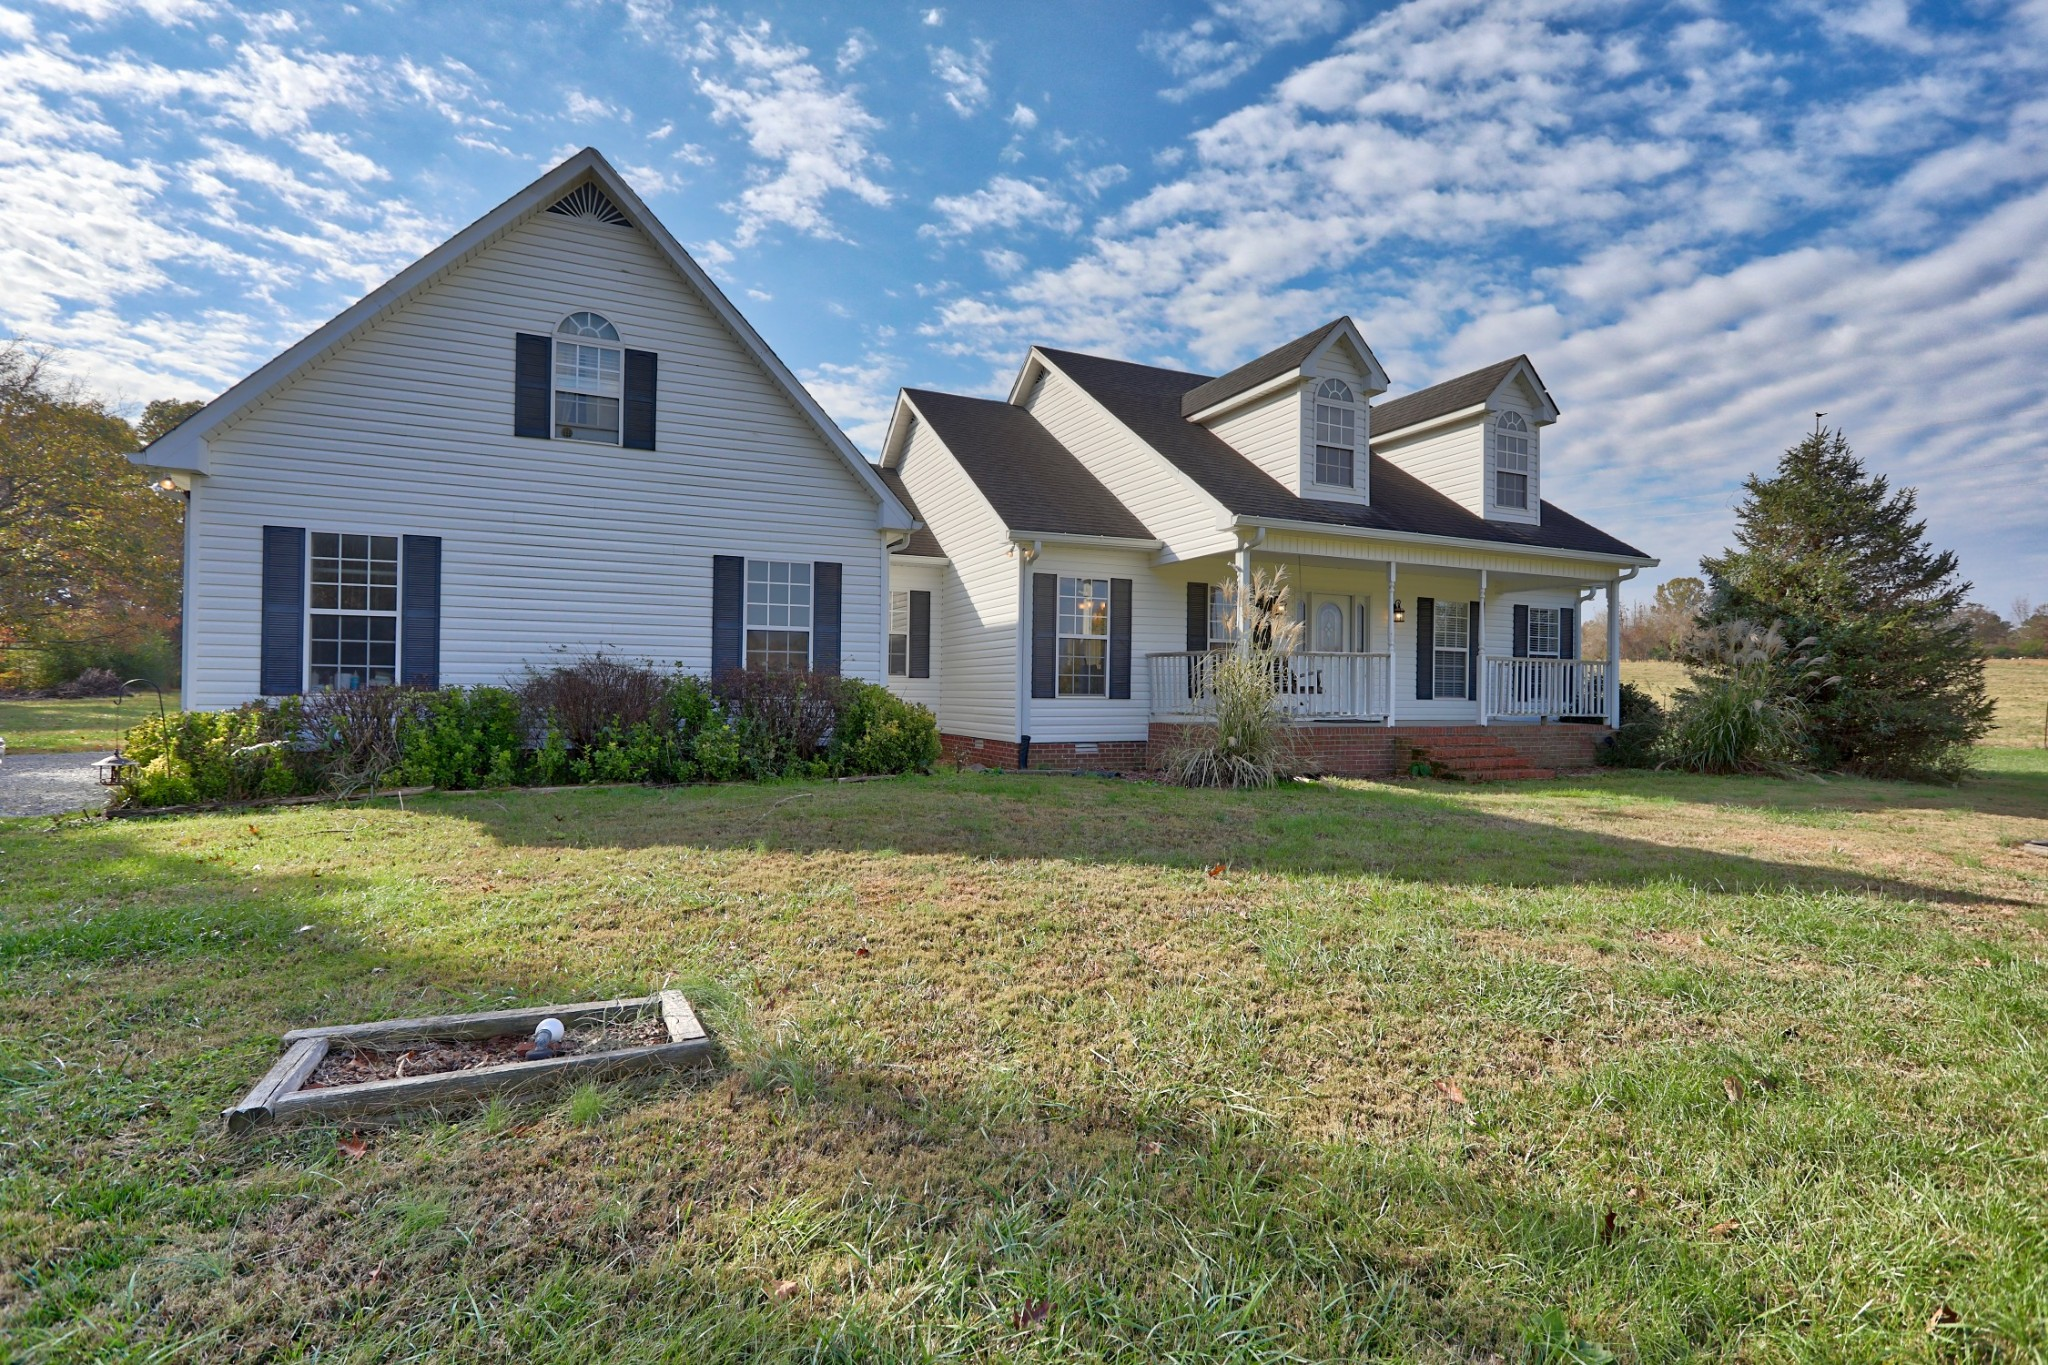 1056 N Sumner Rd, Portland, TN 37148 - Portland, TN real estate listing